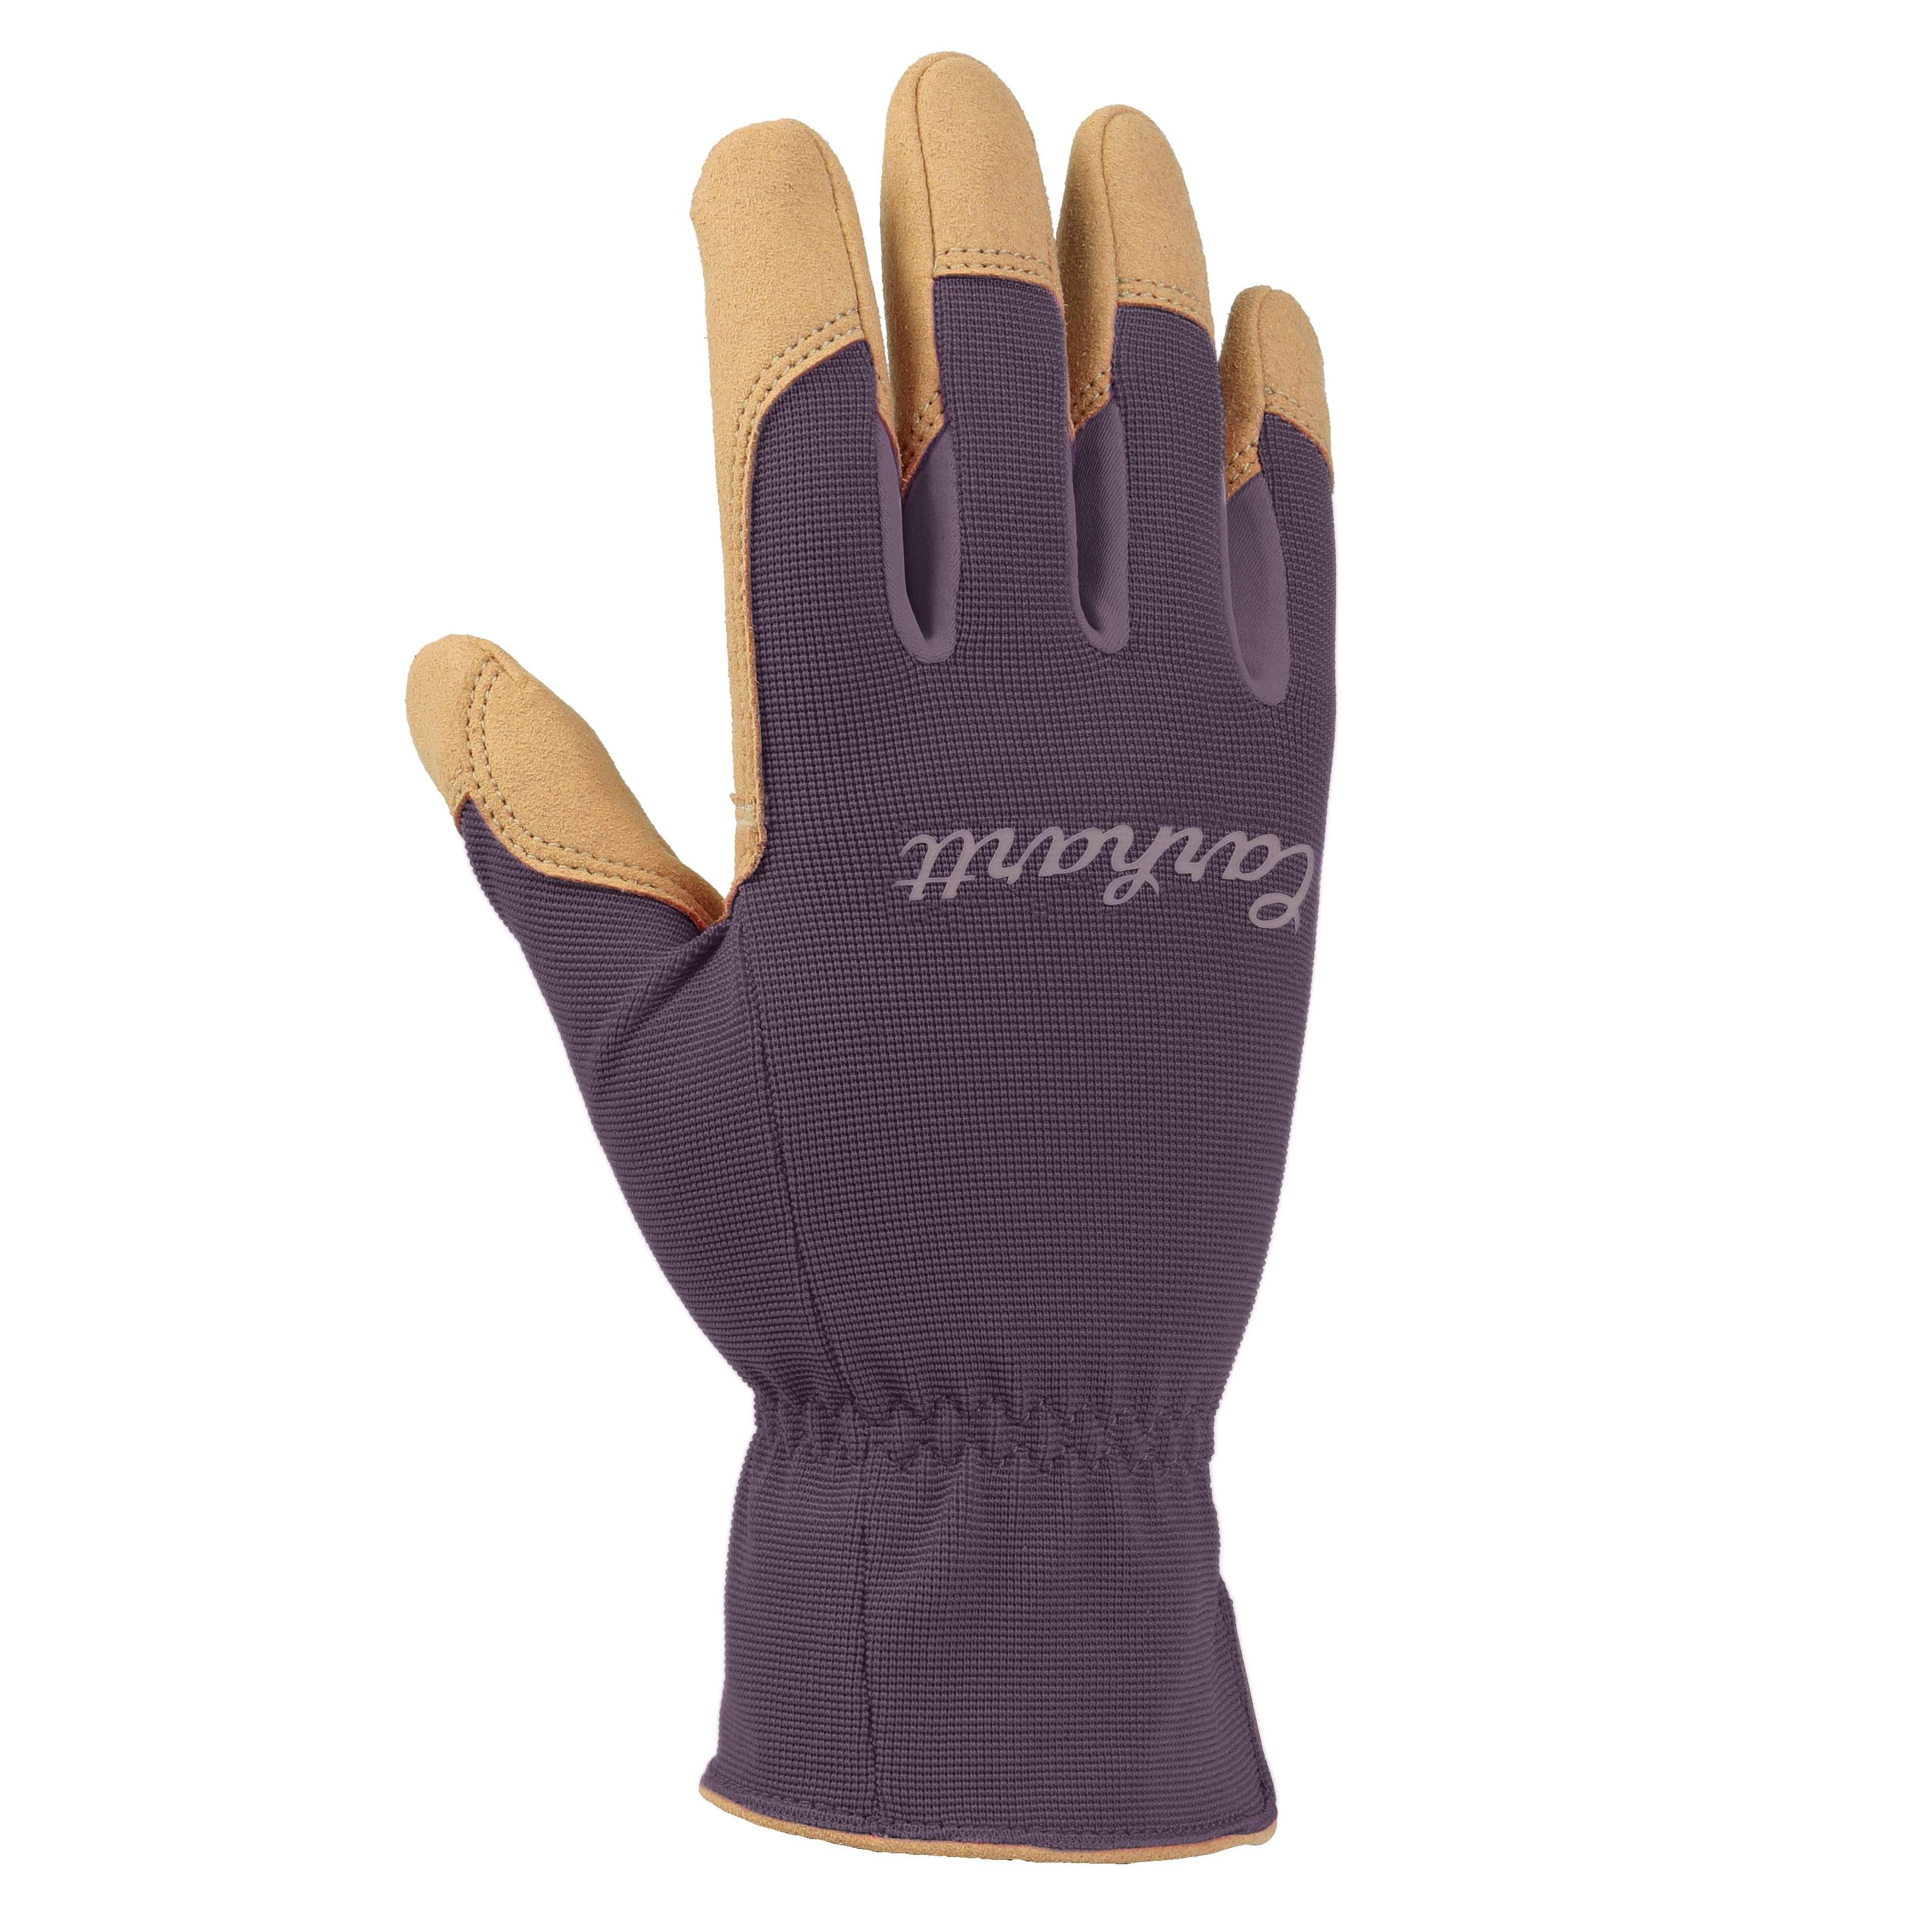 Carhartt Perennial Work Glove